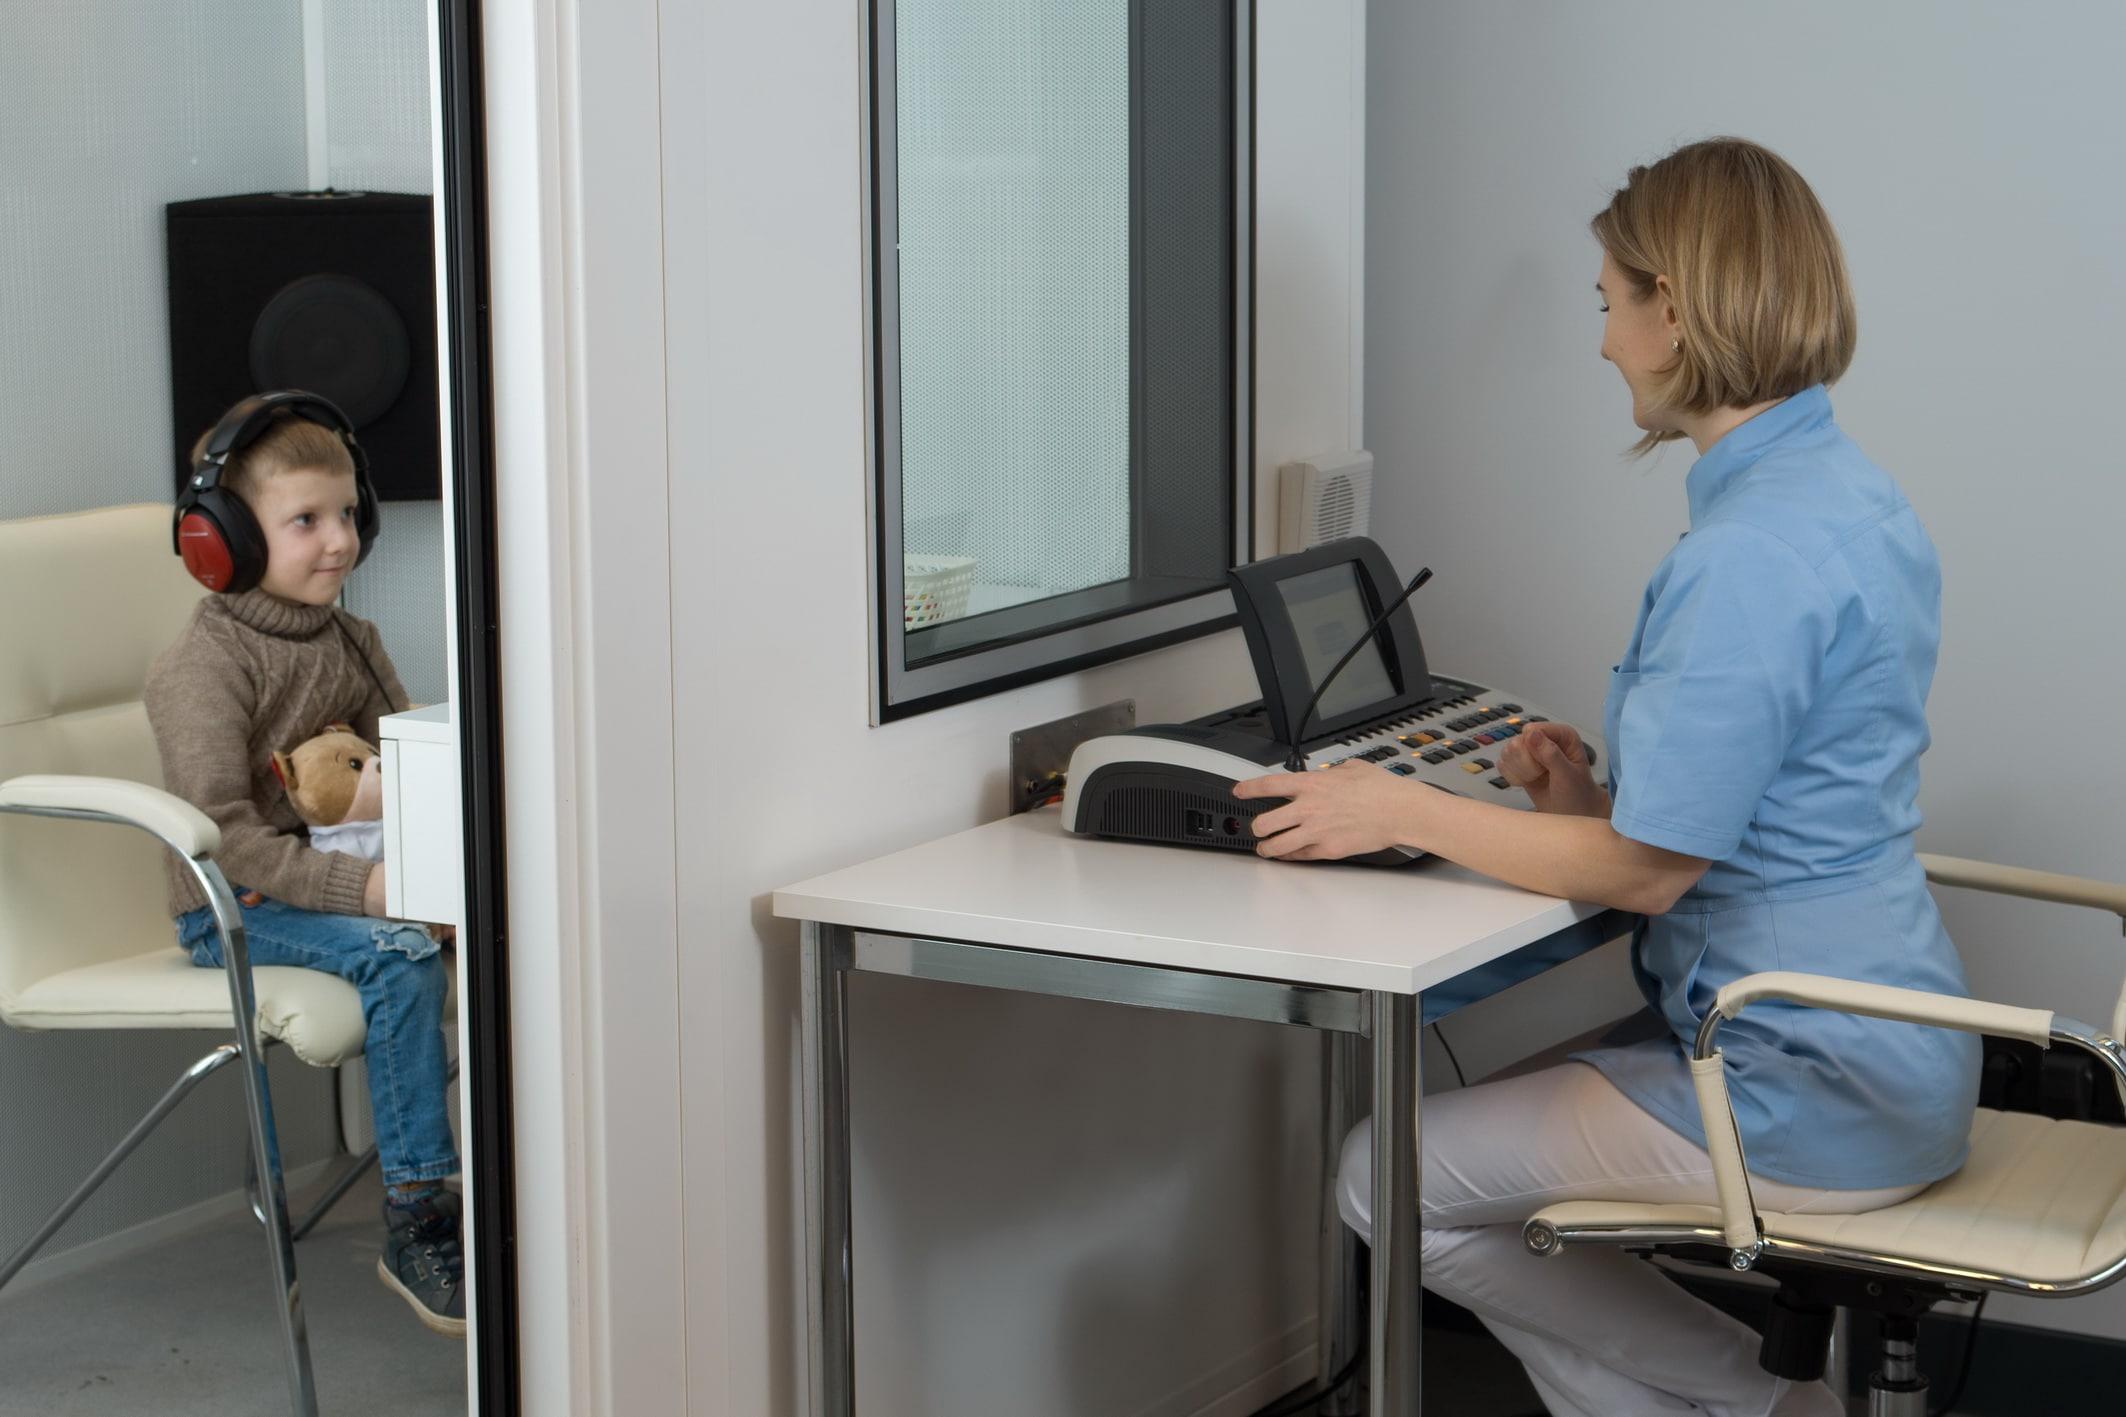 Аудиометрия ребенку в звукоизолированной кабине